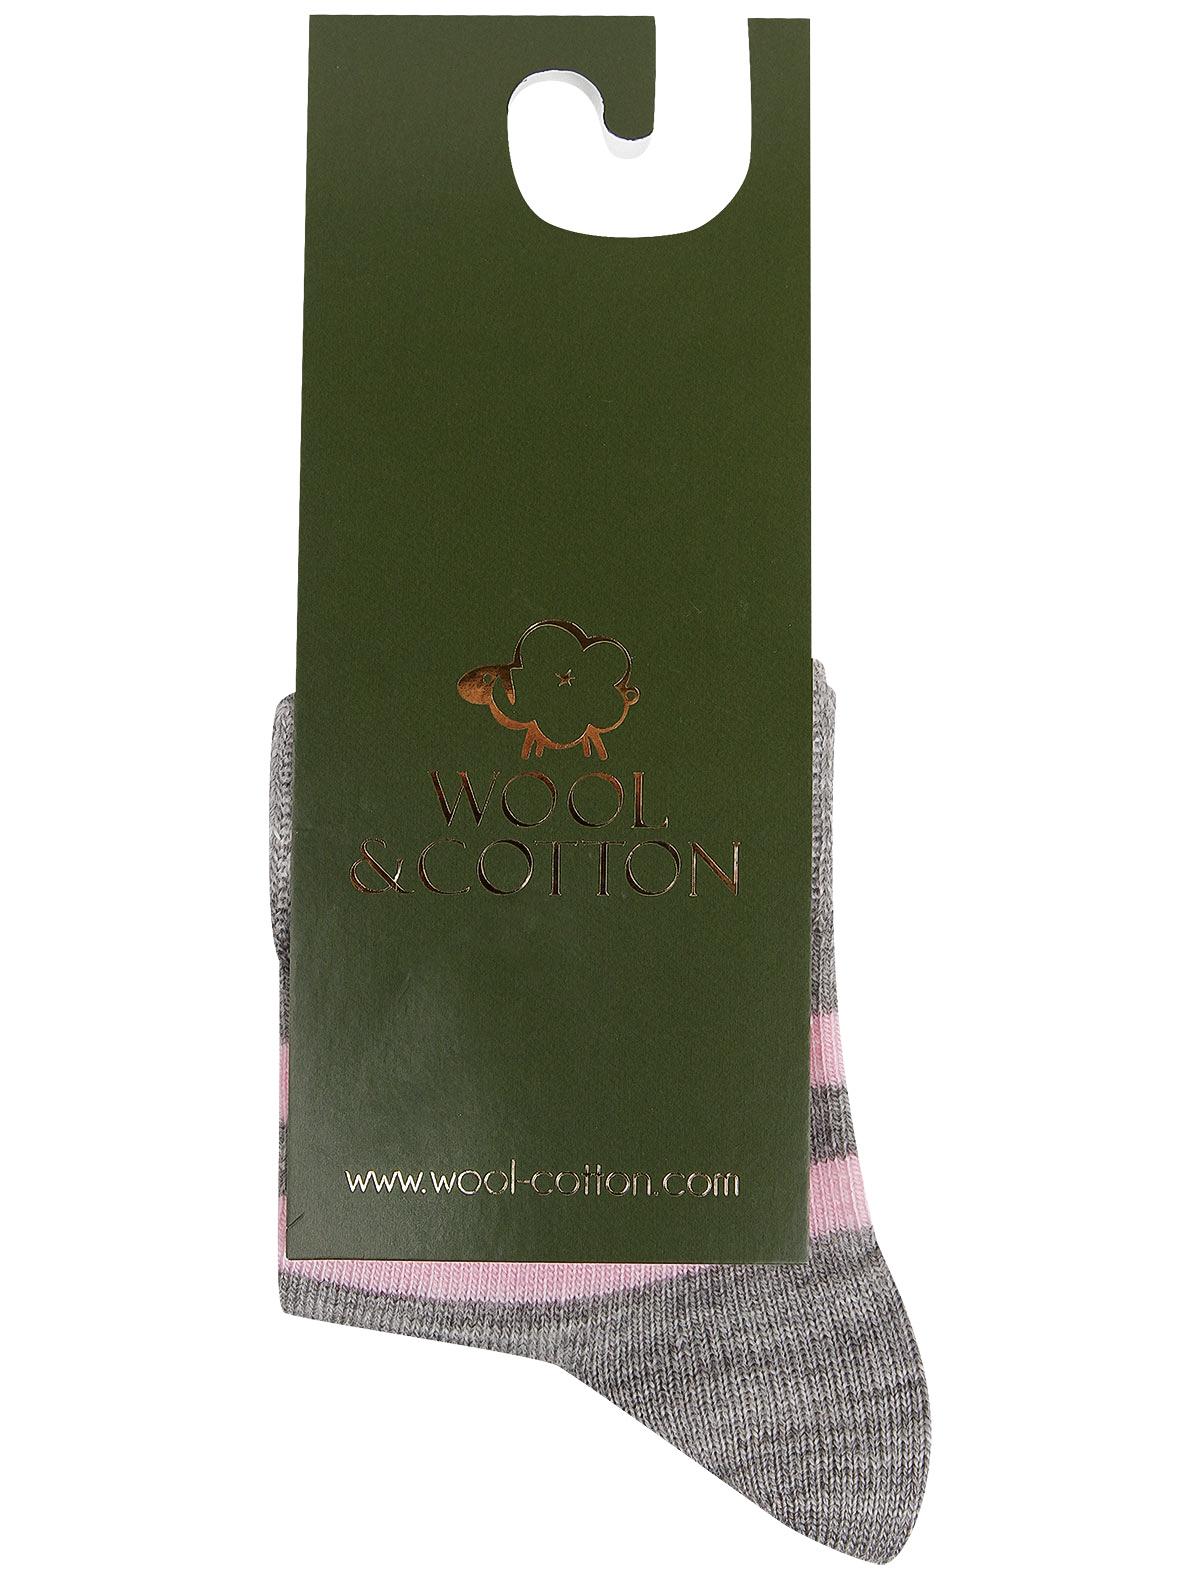 2257040, Носки Air wool, серый, Женский, 1534509080267  - купить со скидкой